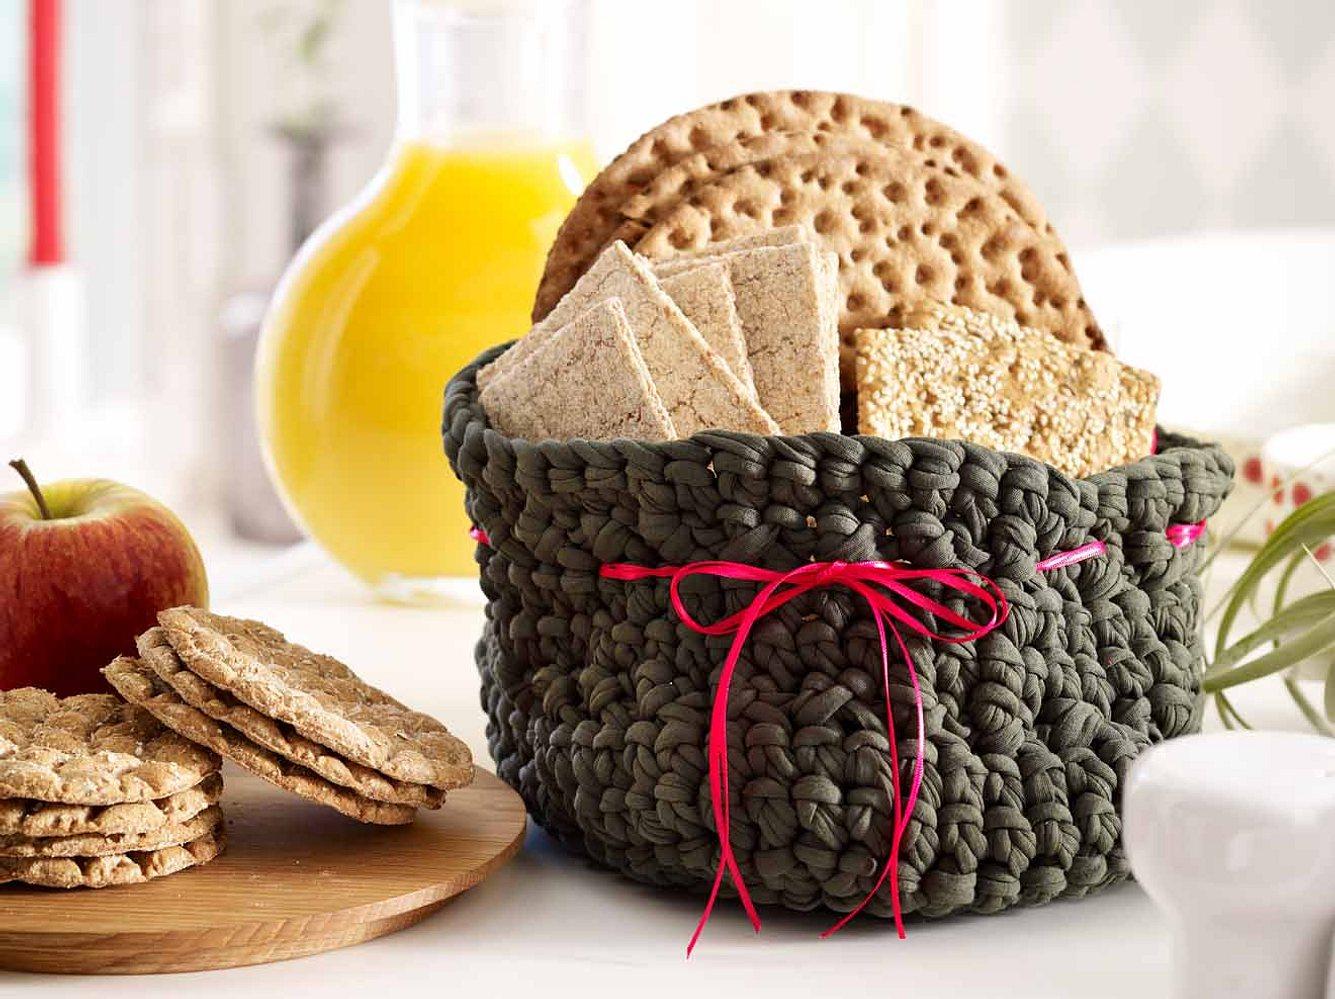 Mit diesem Brotkorb wird jedes Frühstück etwas Besonderes.